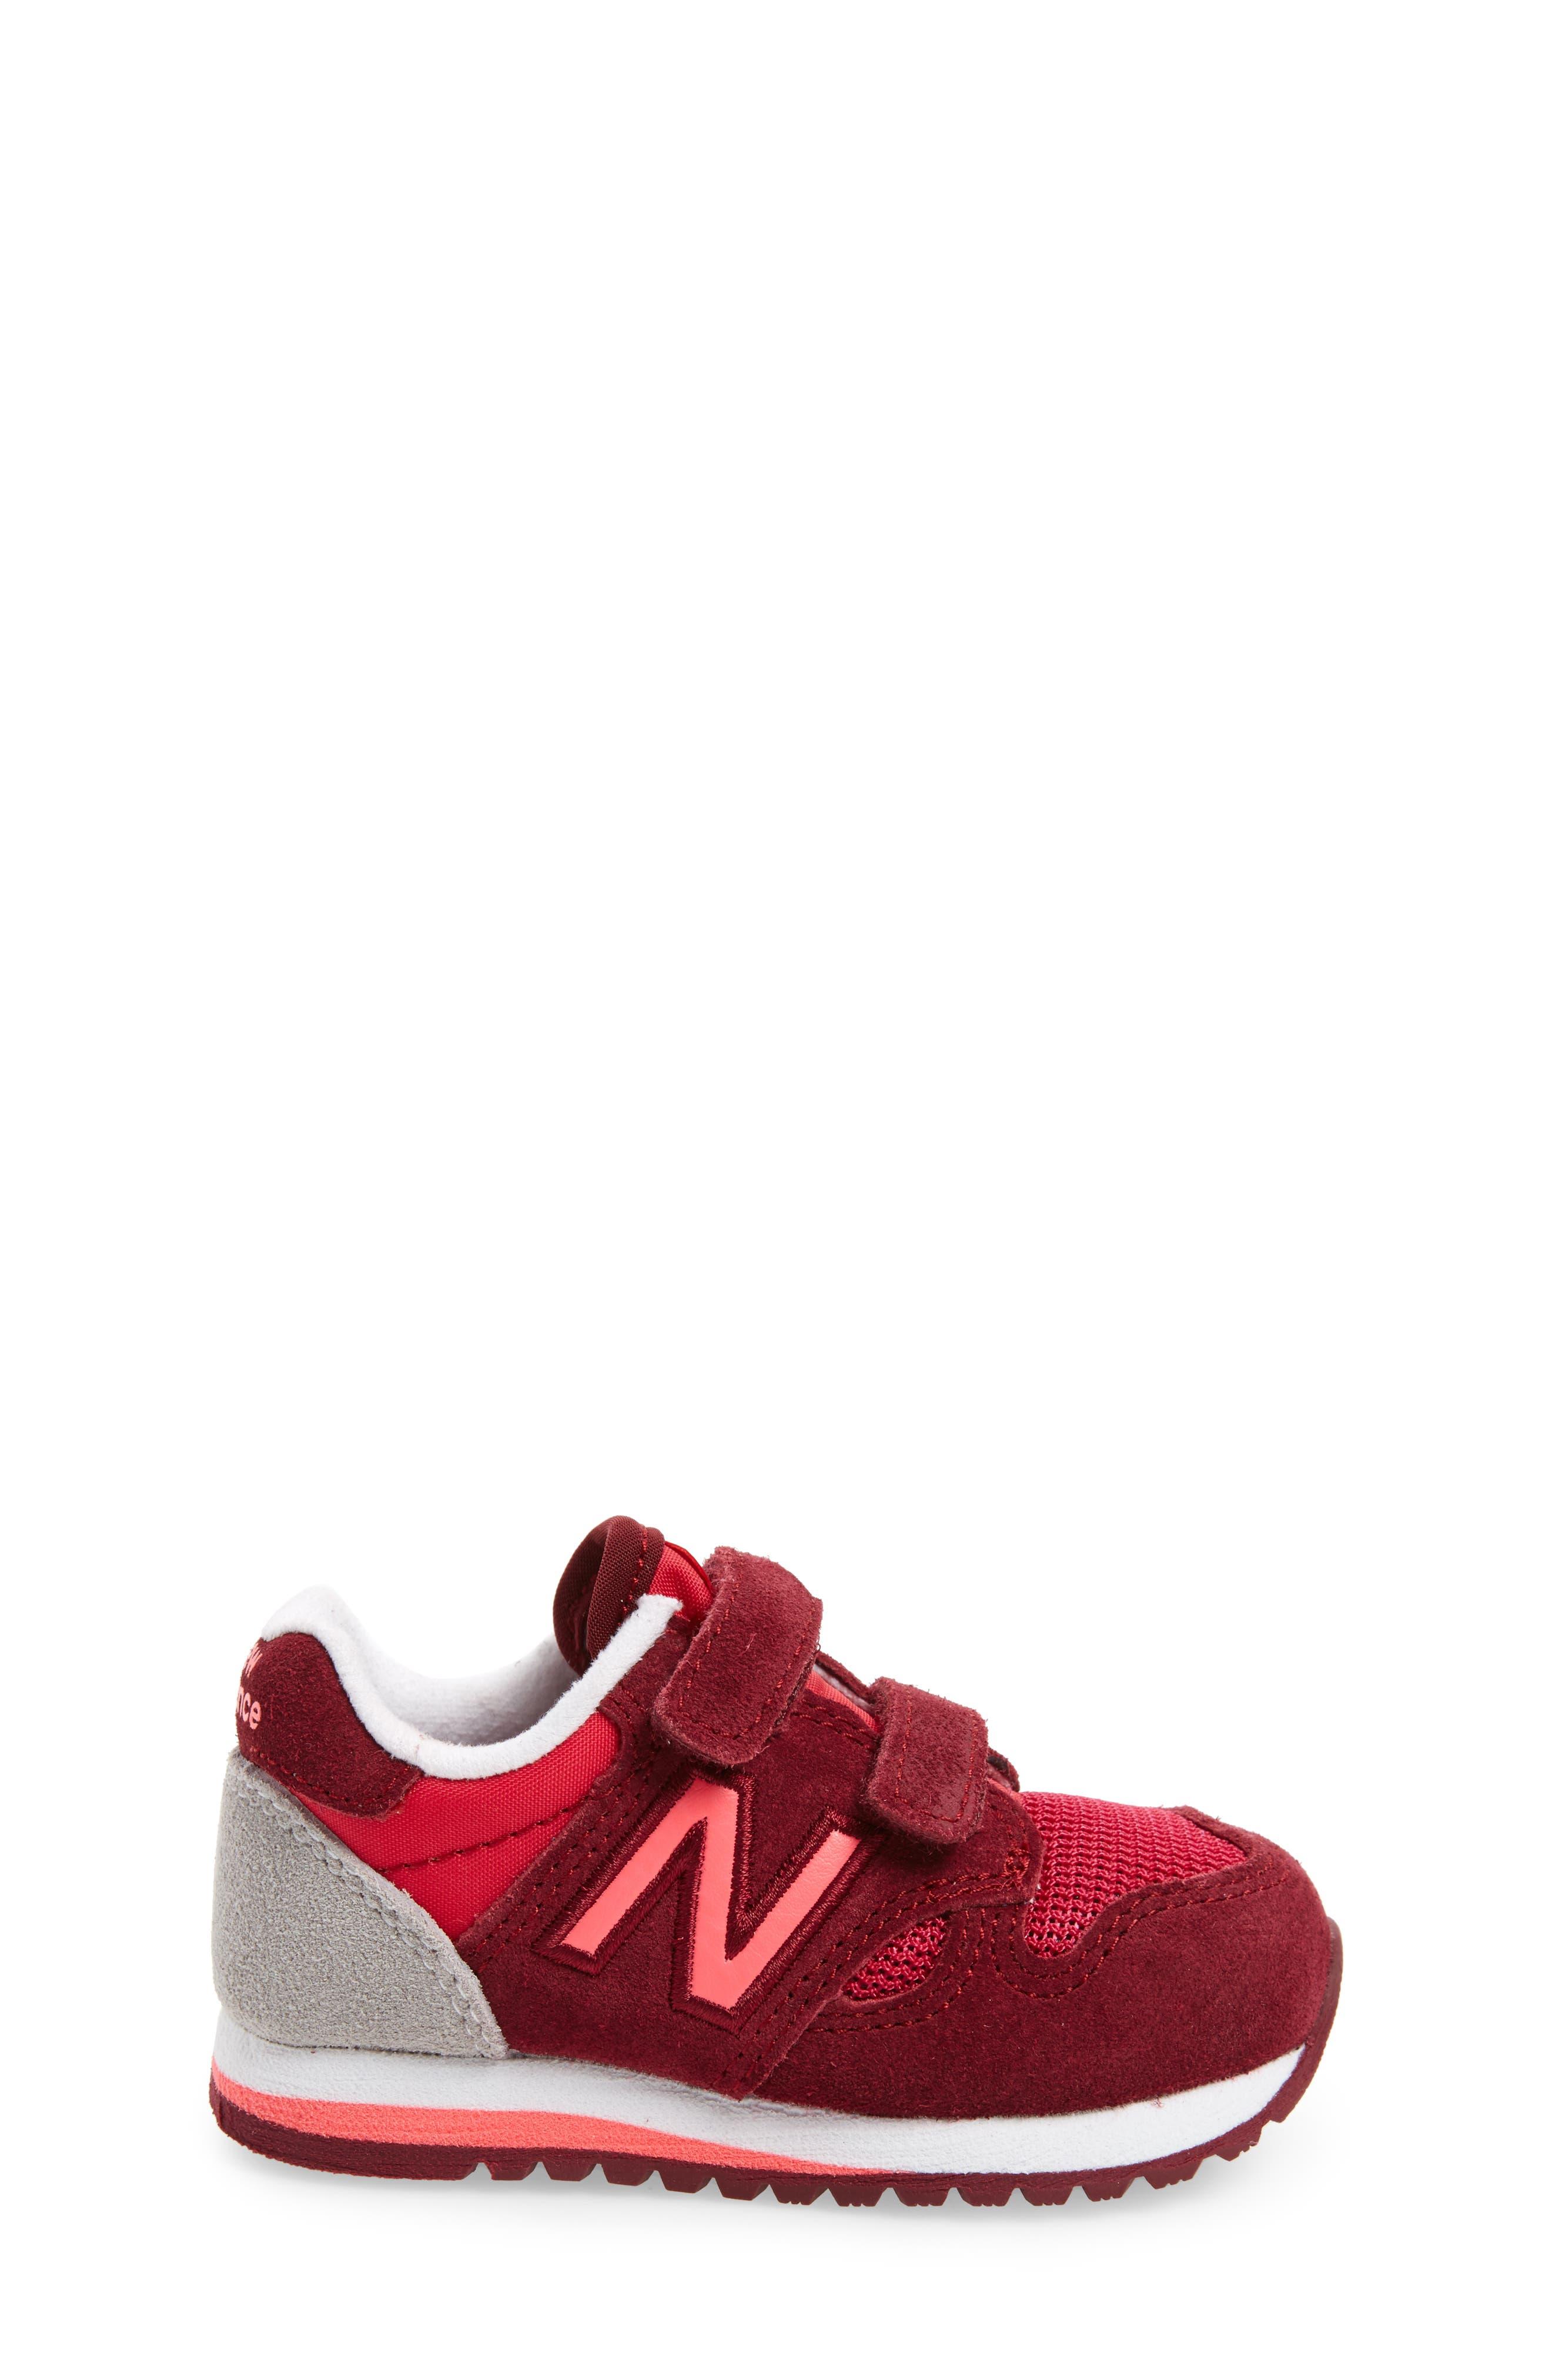 520 Sneaker,                             Alternate thumbnail 3, color,